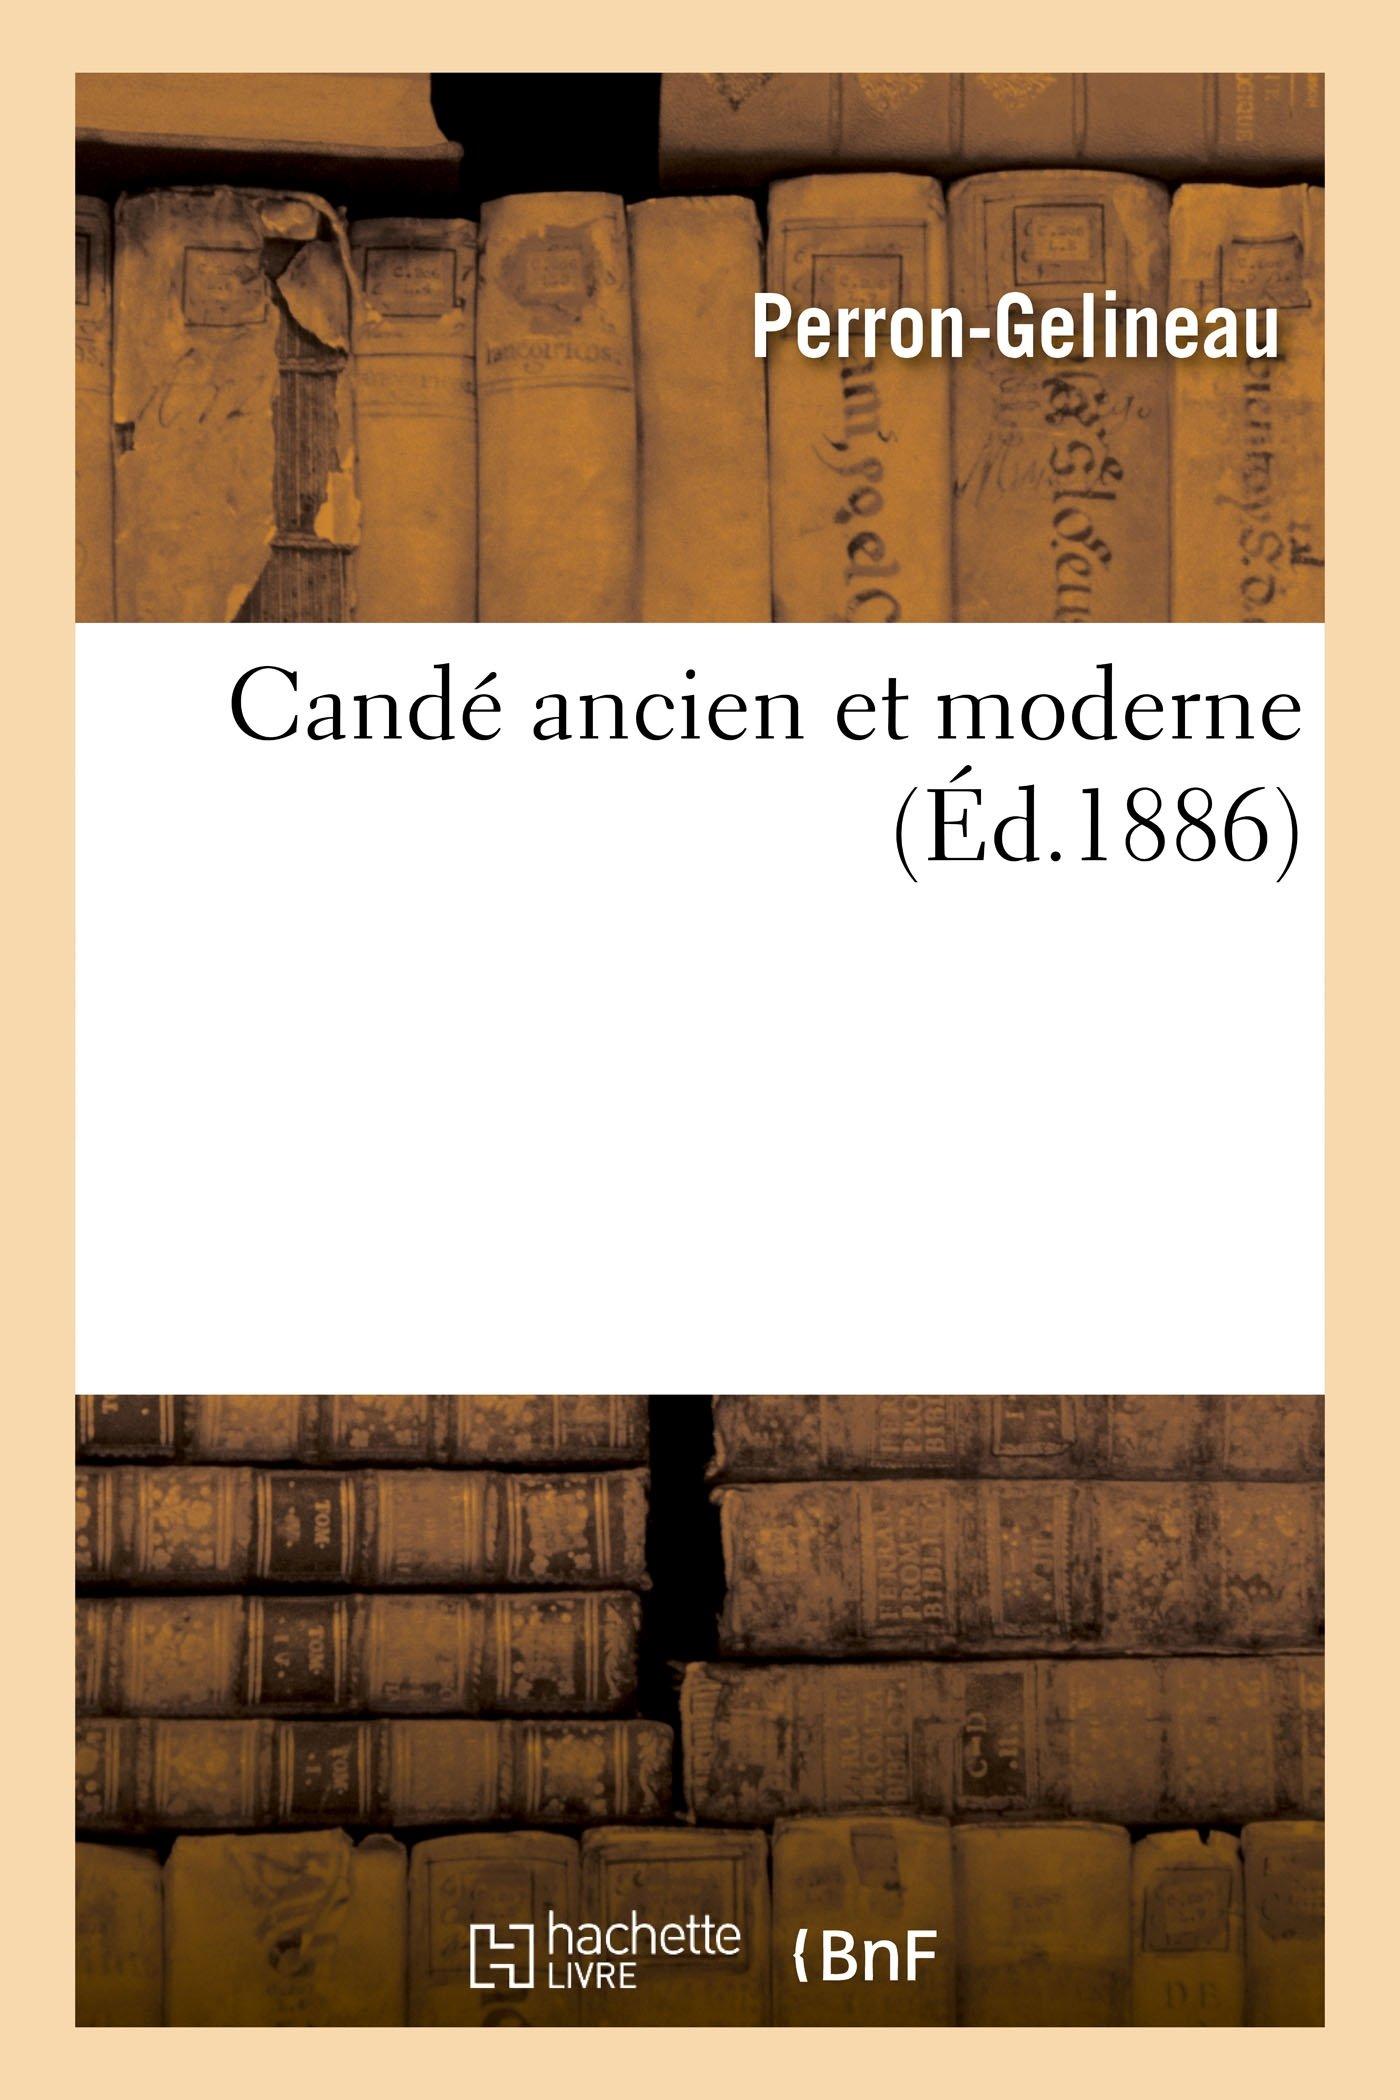 Candé ancien et moderne, par Perron-Gelineau. (15 février 1885.) (Histoire) (French Edition) pdf